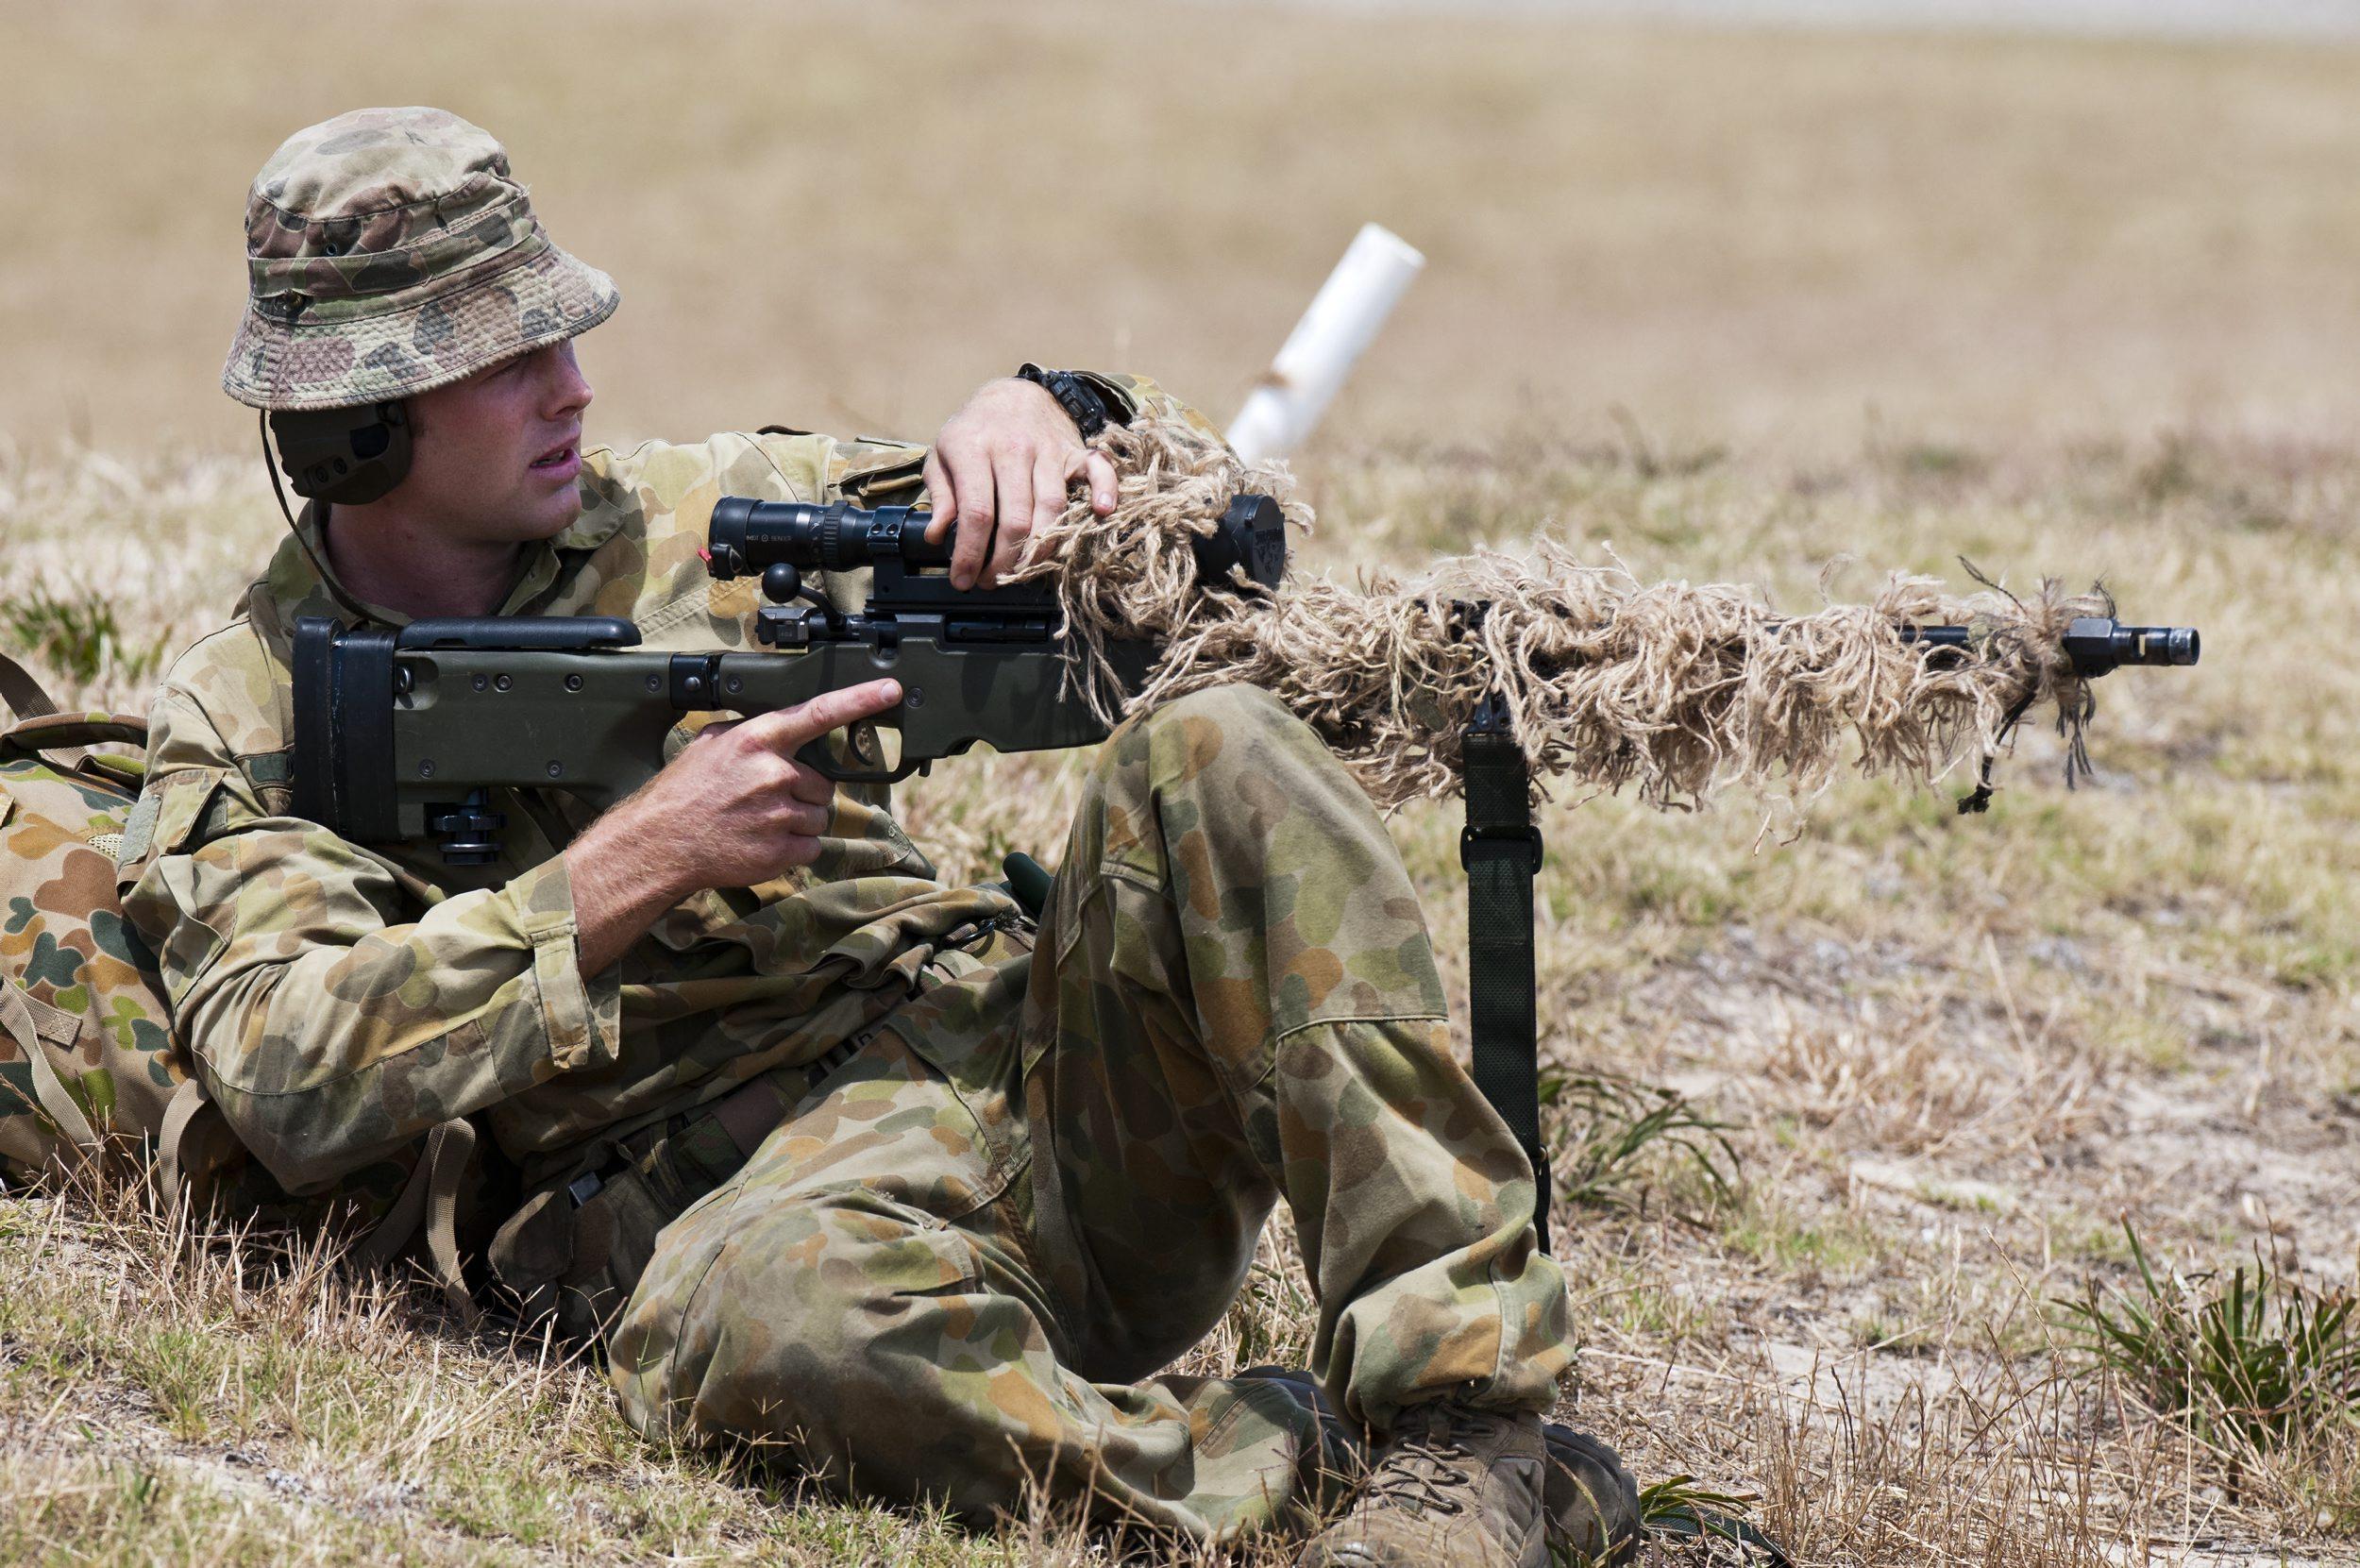 Armée Australienne - Page 2 20121113rar00000002